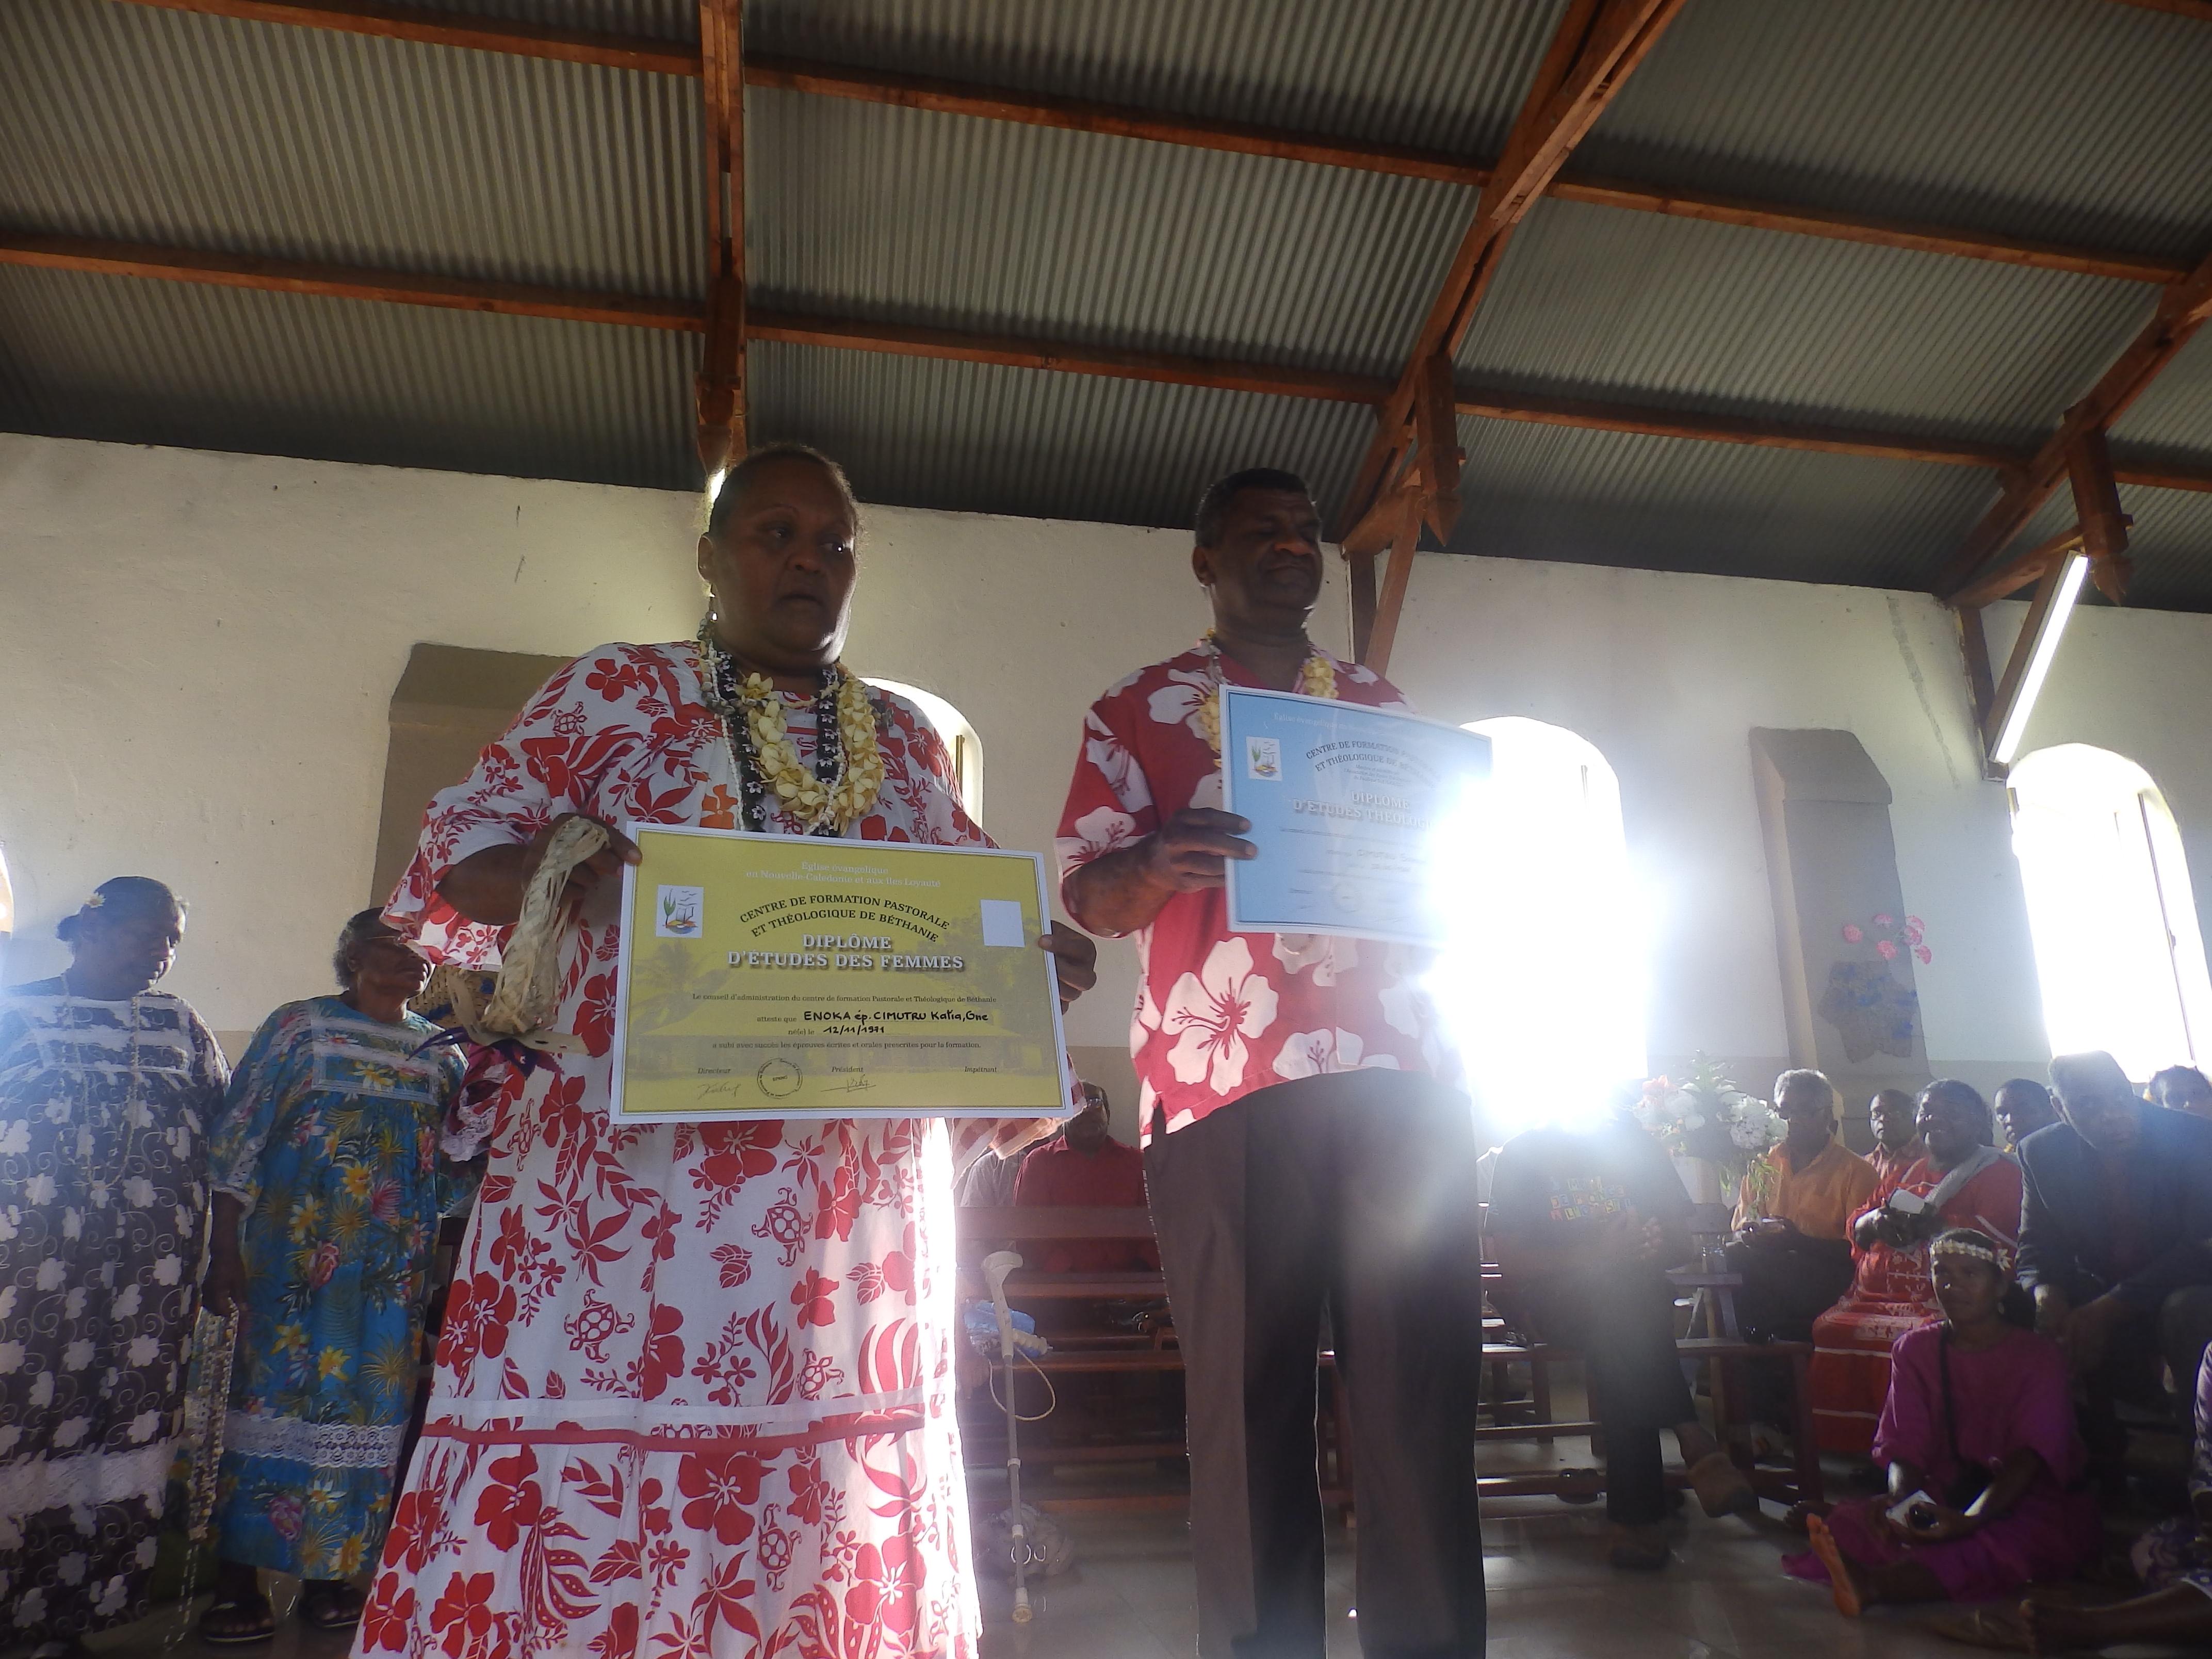 CIMUTRU Hmae et son épouse Katia One, exerceront dans la région de Nengone